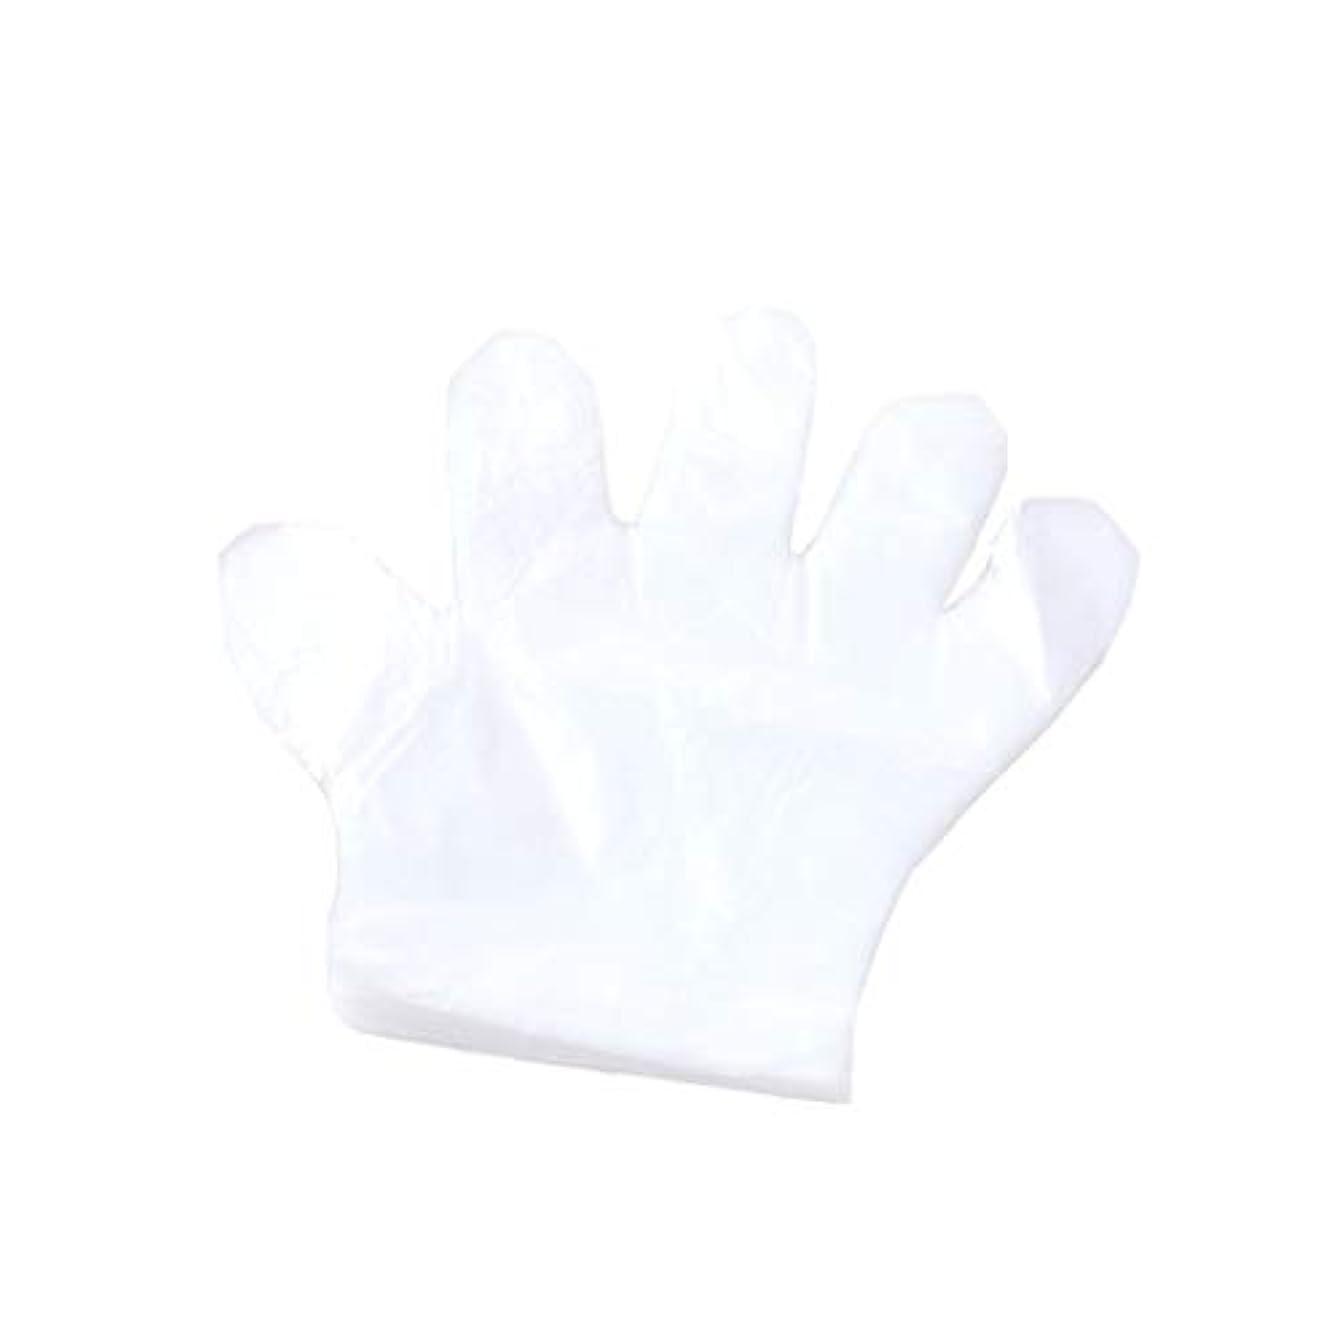 問い合わせるワックスパール手袋、使い捨て手袋、プラスチック透明な使い捨て手袋、衛生的な食品、100スーツ。 (UnitCount : 2000only)